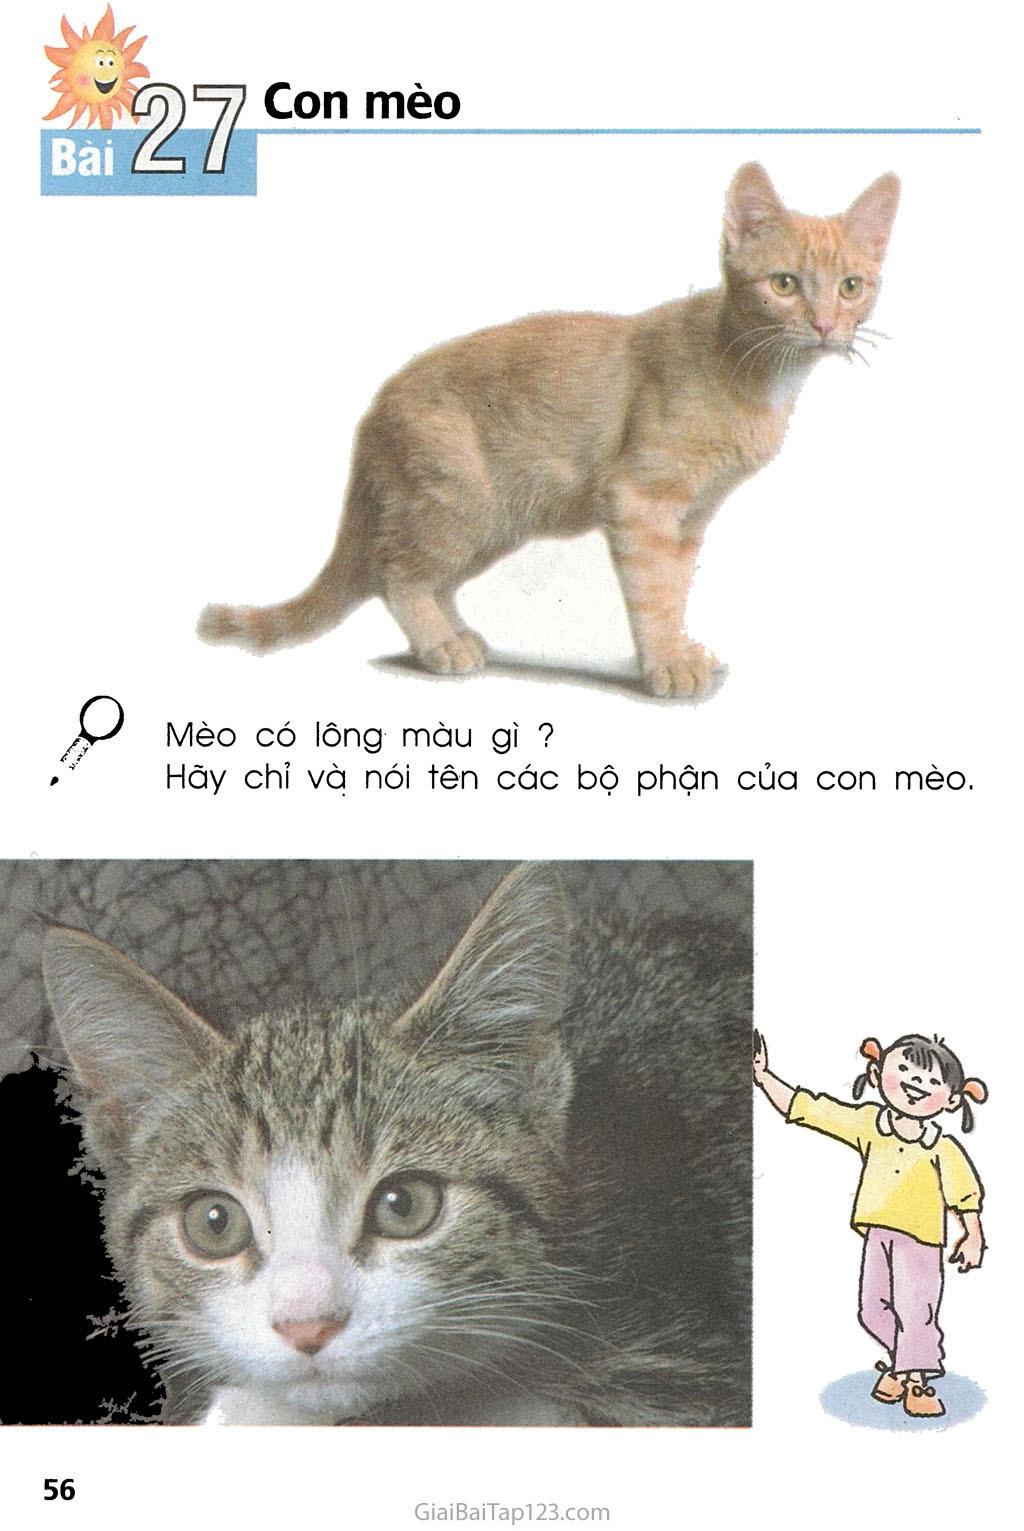 Bài 27. Con mèo trang 1